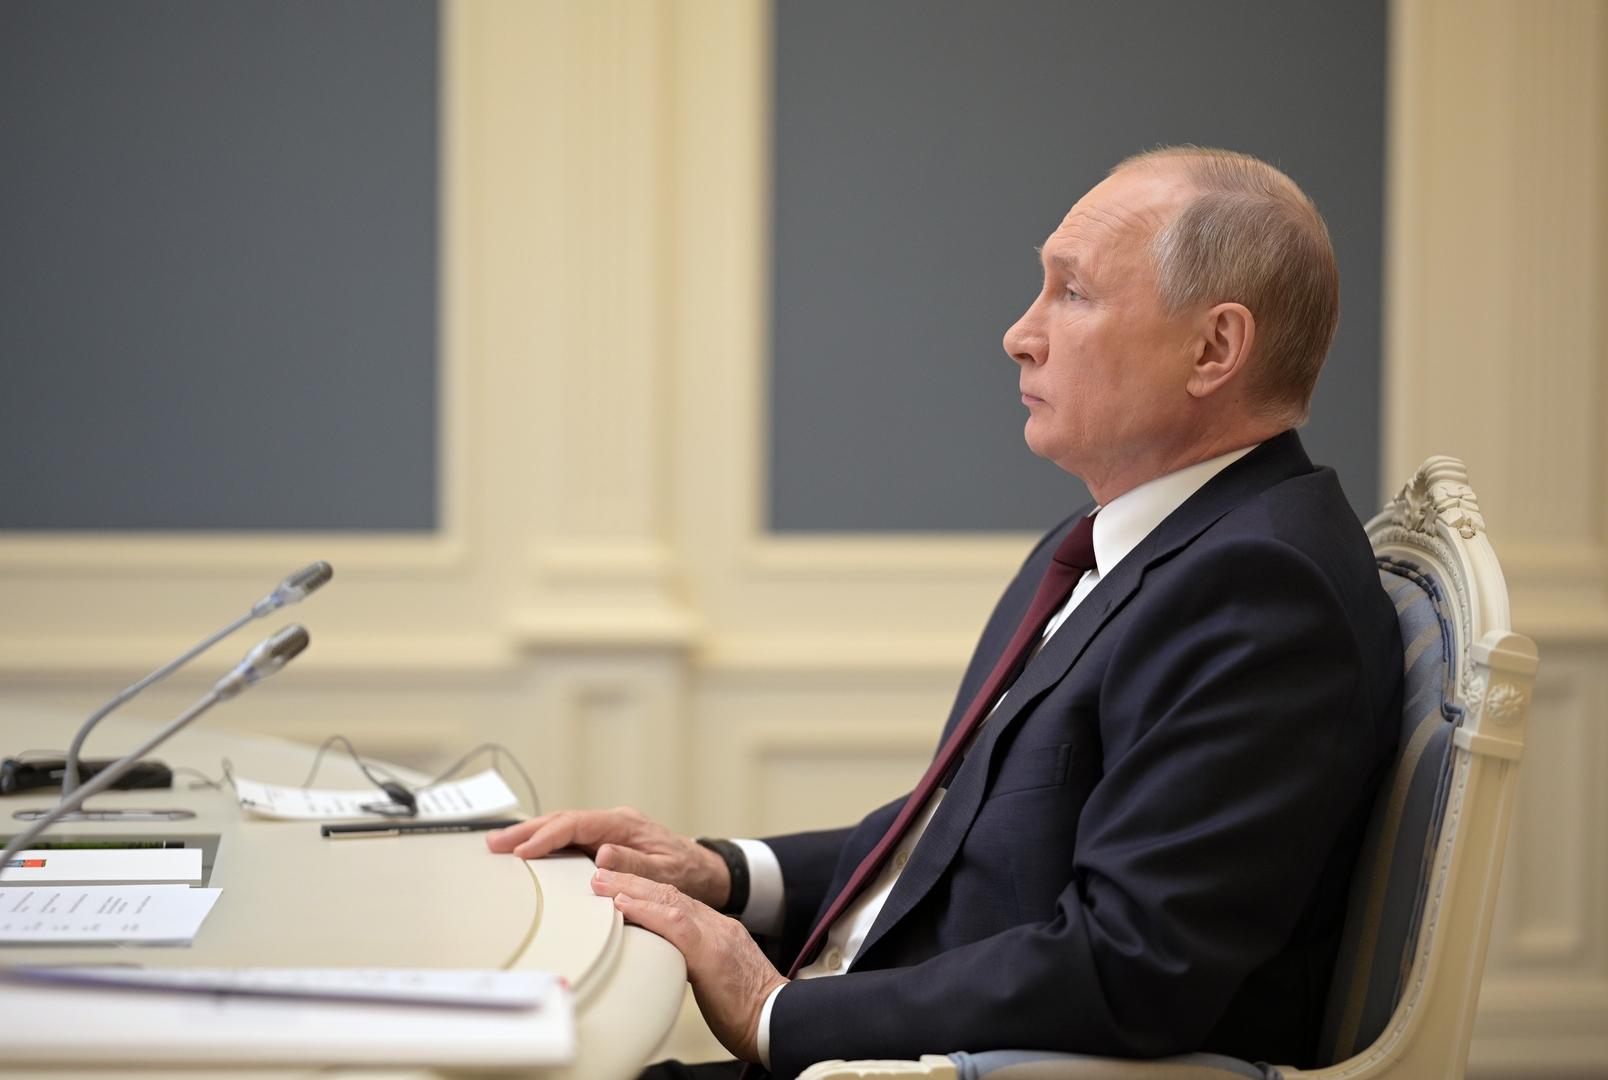 لأول مرة في تاريخ روسيا.. بوتين يوقع قانونا خاصا بالحد من انبعاثات غازات التدفئة